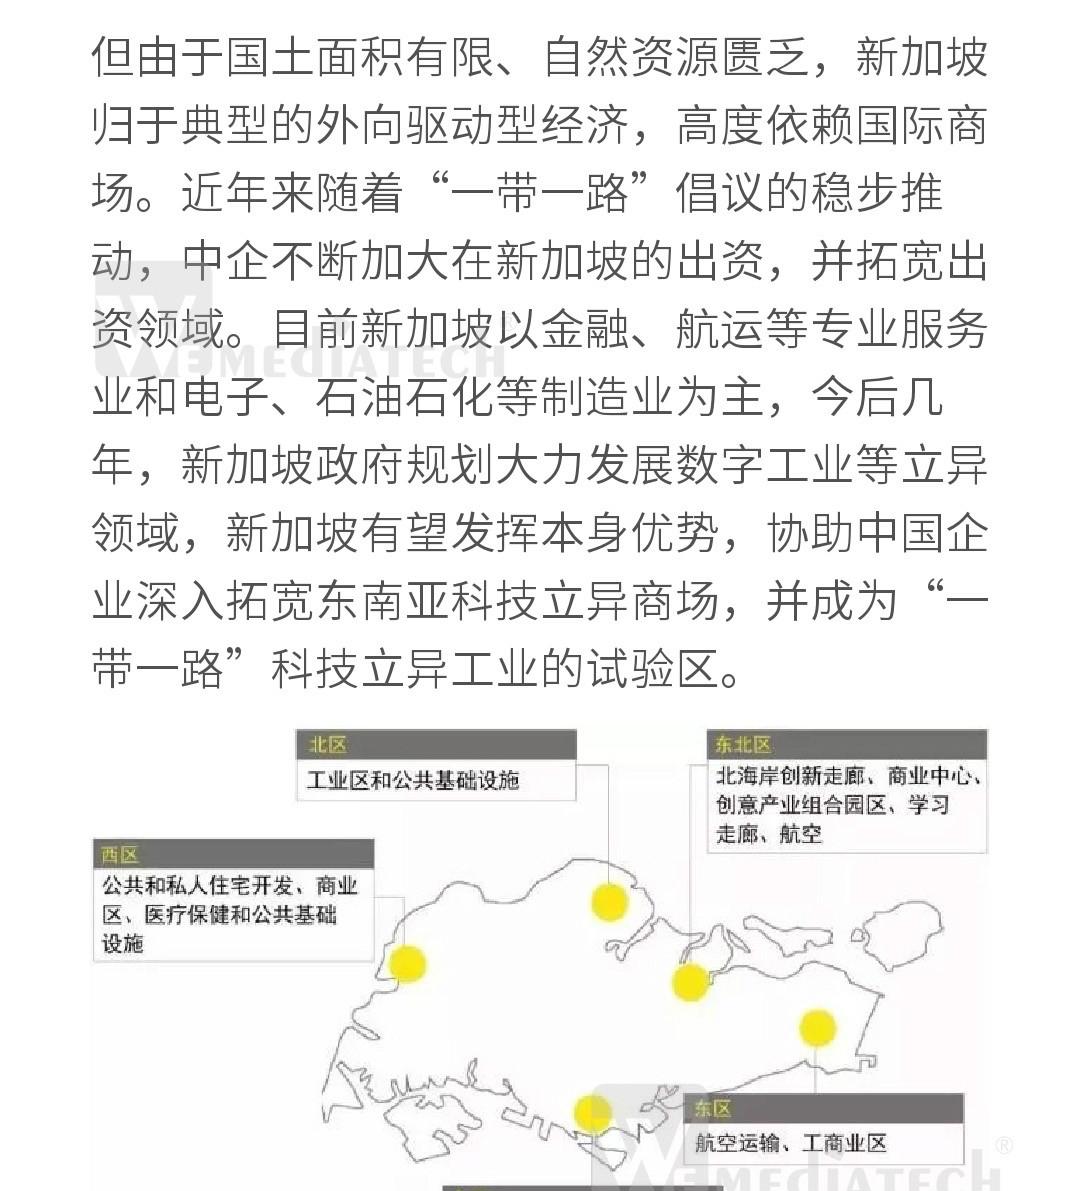 xingye2_qietu_1.jpg